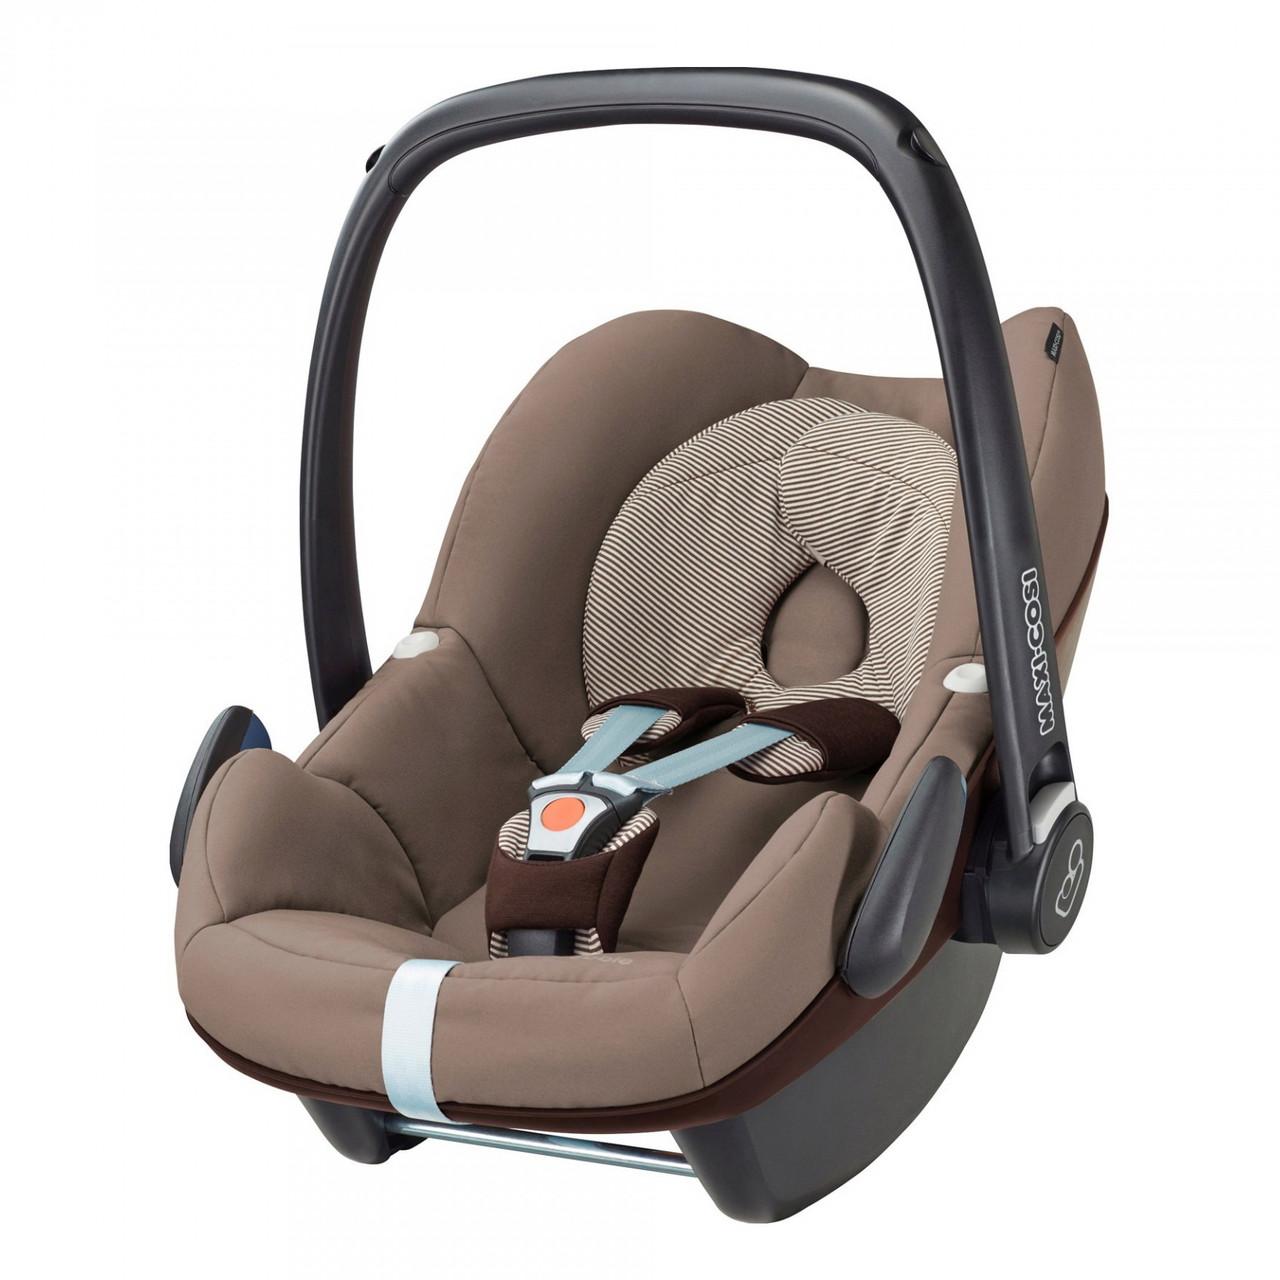 Автокресло Maxi Cosi Pebble 0-13 кг (63079650) Earth Brown (коричневый)